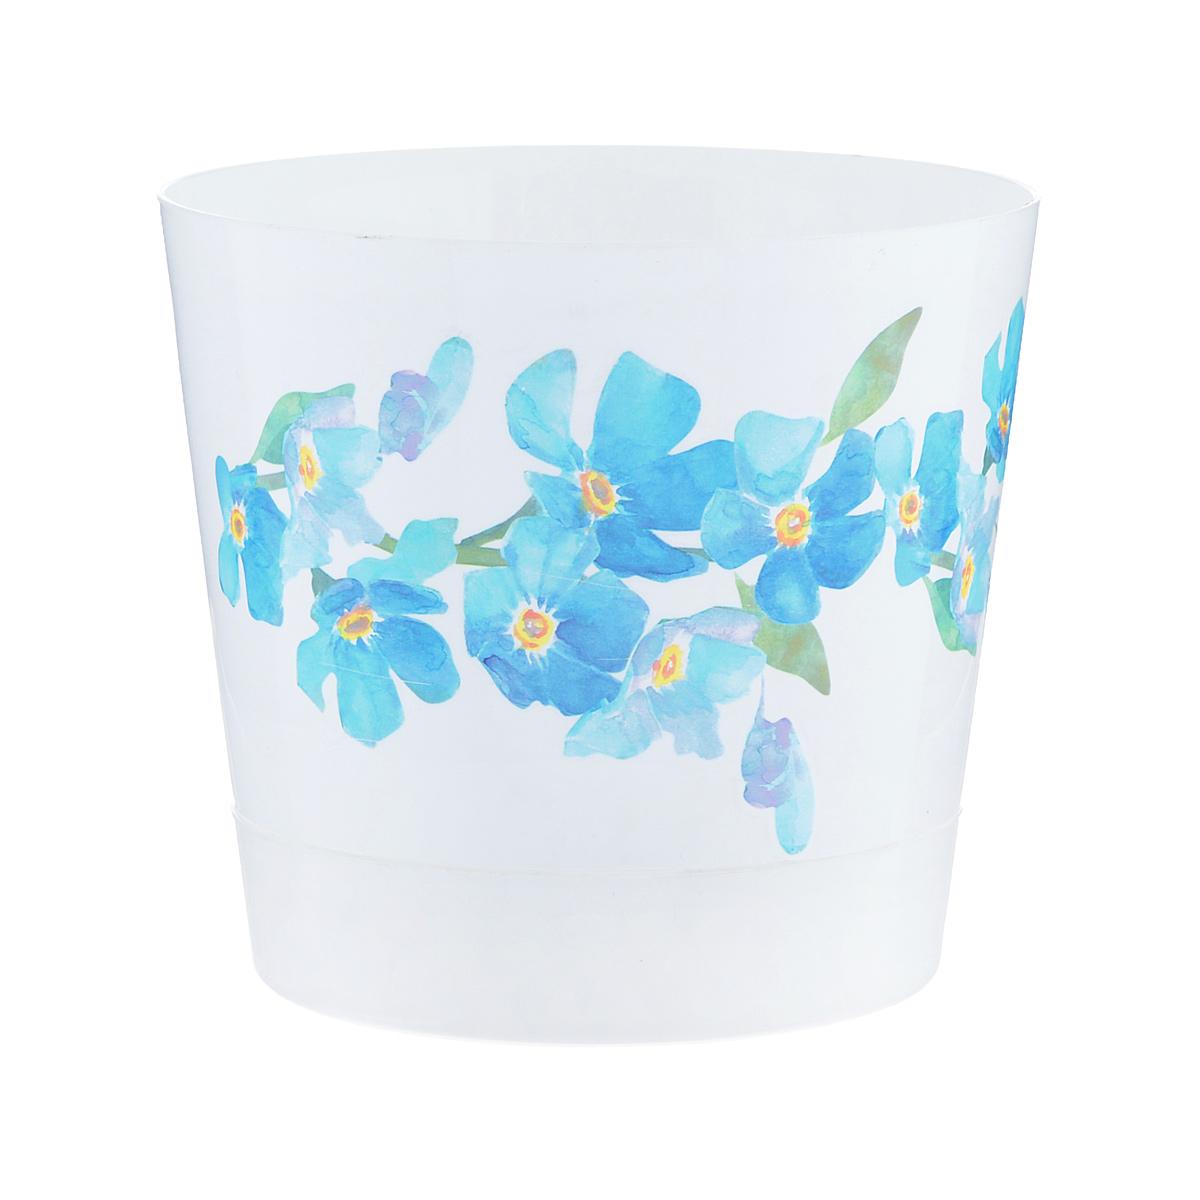 Кашпо Idea Ника. Деко, с прикорневым поливом, с поддоном, цвет: белый, голубой, 0,8 лМ 3076Любой, даже самый современный и продуманный интерьер будет не завершённым без растений. Они не только очищают воздух и насыщают его кислородом, но и заметно украшают окружающее пространство. Такому полезному &laquo члену семьи&raquoпросто необходимо красивое и функциональное кашпо, оригинальный горшок или необычная ваза! Мы предлагаем - Кашпо 0,8 л Ника деко d=12 см , с прикорневым поливом, голубые цветы!Оптимальный выбор материала &mdash &nbsp пластмасса! Почему мы так считаем? Малый вес. С лёгкостью переносите горшки и кашпо с места на место, ставьте их на столики или полки, подвешивайте под потолок, не беспокоясь о нагрузке. Простота ухода. Пластиковые изделия не нуждаются в специальных условиях хранения. Их&nbsp легко чистить &mdashдостаточно просто сполоснуть тёплой водой. Никаких царапин. Пластиковые кашпо не царапают и не загрязняют поверхности, на которых стоят. Пластик дольше хранит влагу, а значит &mdashрастение реже нуждается в поливе. Пластмасса не пропускает воздух &mdashкорневой системе растения не грозят резкие перепады температур. Огромный выбор форм, декора и расцветок &mdashвы без труда подберёте что-то, что идеально впишется в уже существующий интерьер.Соблюдая нехитрые правила ухода, вы можете заметно продлить срок службы горшков, вазонов и кашпо из пластика: всегда учитывайте размер кроны и корневой системы растения (при разрастании большое растение способно повредить маленький горшок)берегите изделие от воздействия прямых солнечных лучей, чтобы кашпо и горшки не выцветалидержите кашпо и горшки из пластика подальше от нагревающихся поверхностей.Создавайте прекрасные цветочные композиции, выращивайте рассаду или необычные растения, а низкие цены позволят вам не ограничивать себя в выборе.